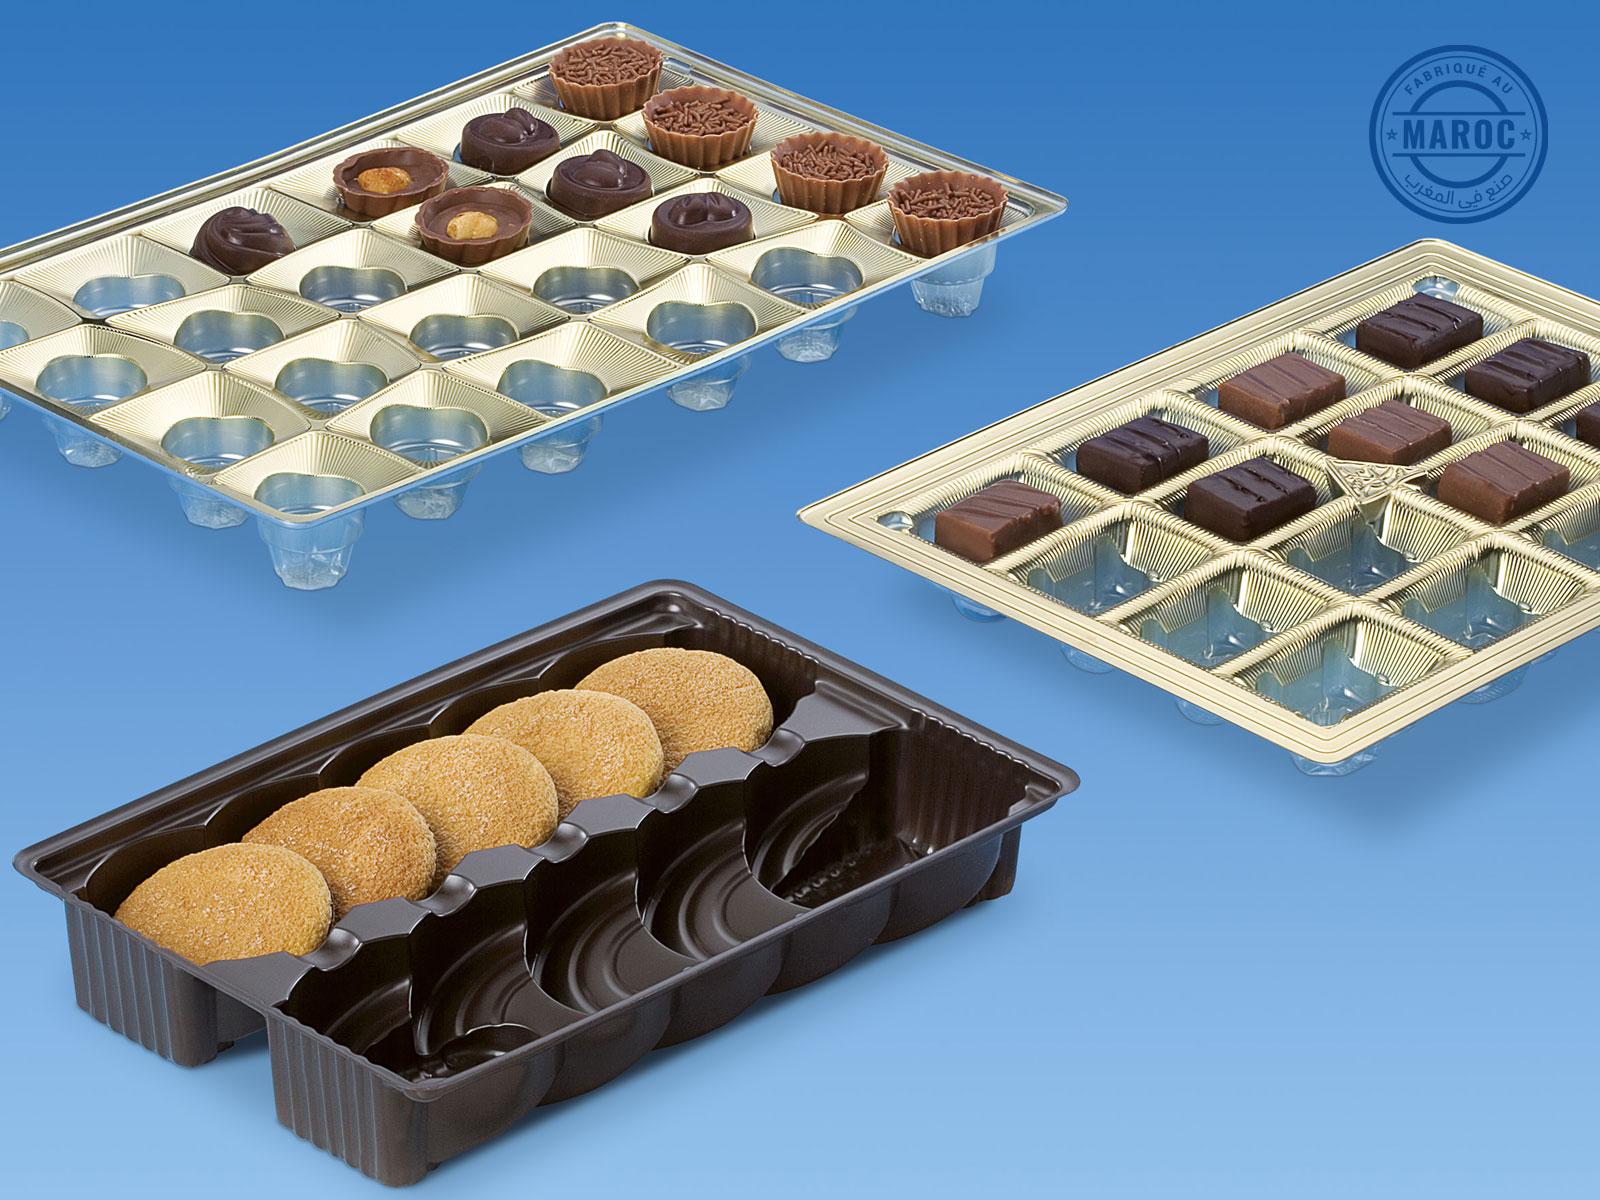 Découvrez <br> notre nouvelle <br> gamme de <br> calage biscuit